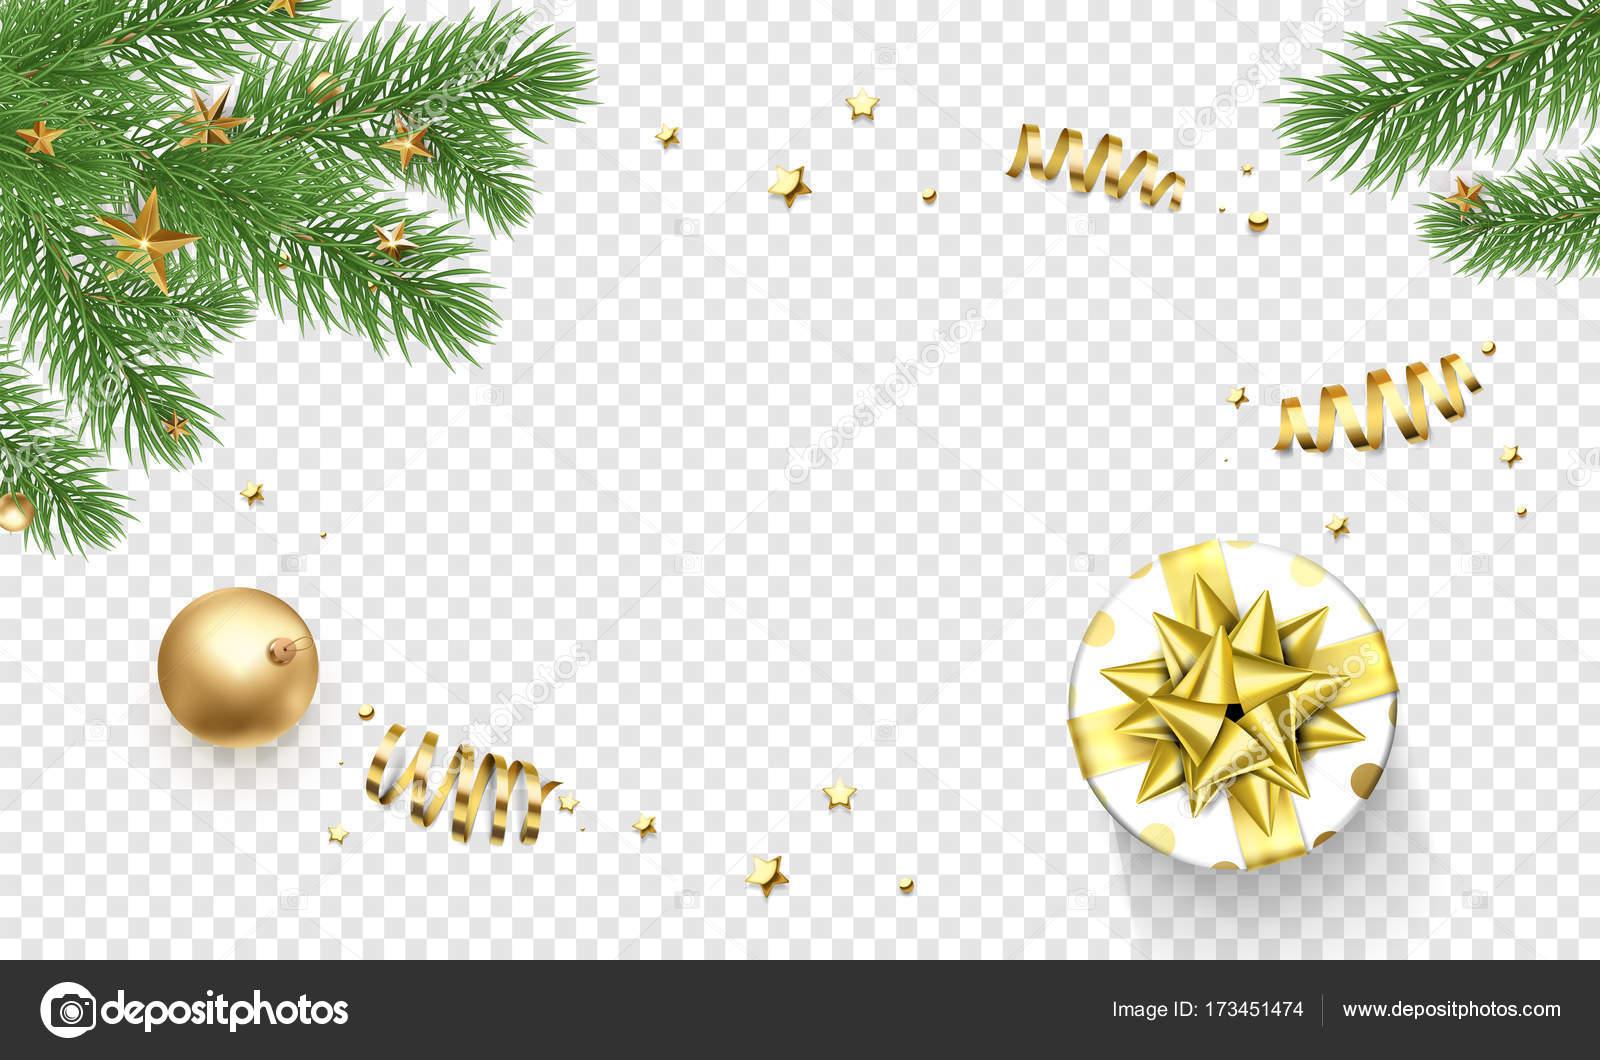 Charmant Weihnachtsbaum Stern Vorlage Bilder - Beispiel Anschreiben ...